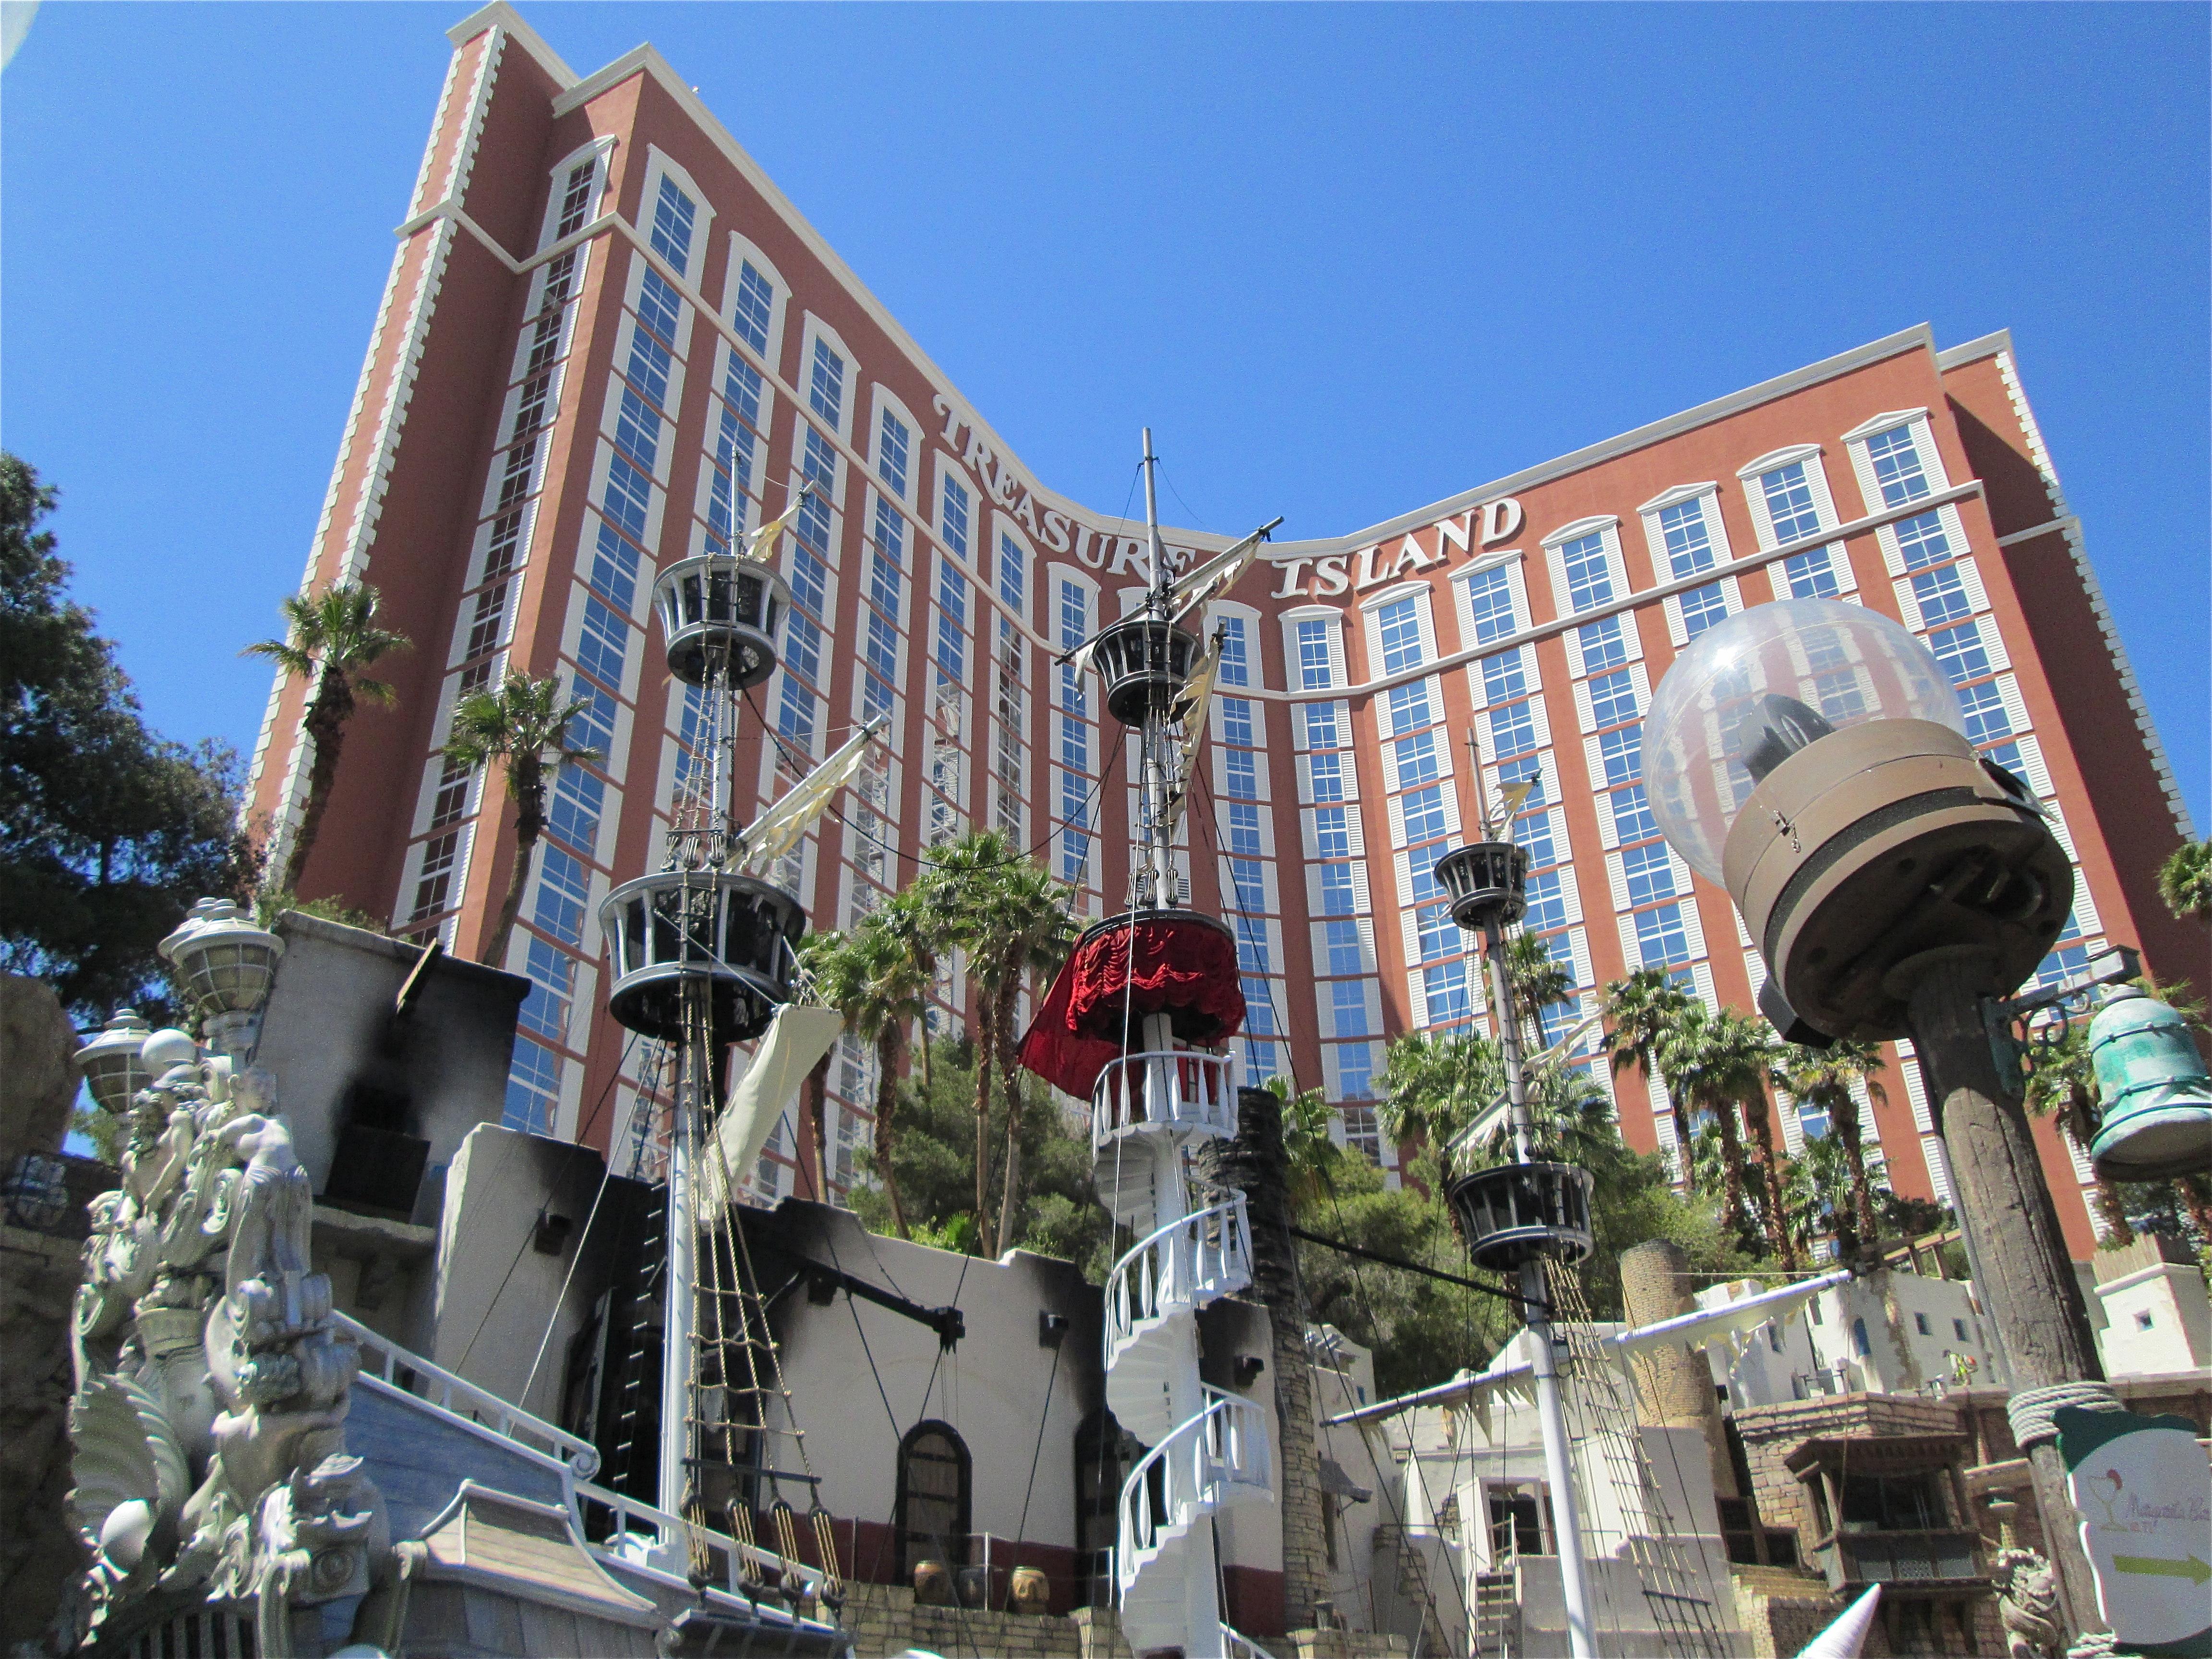 Tresure Island Las Vegas